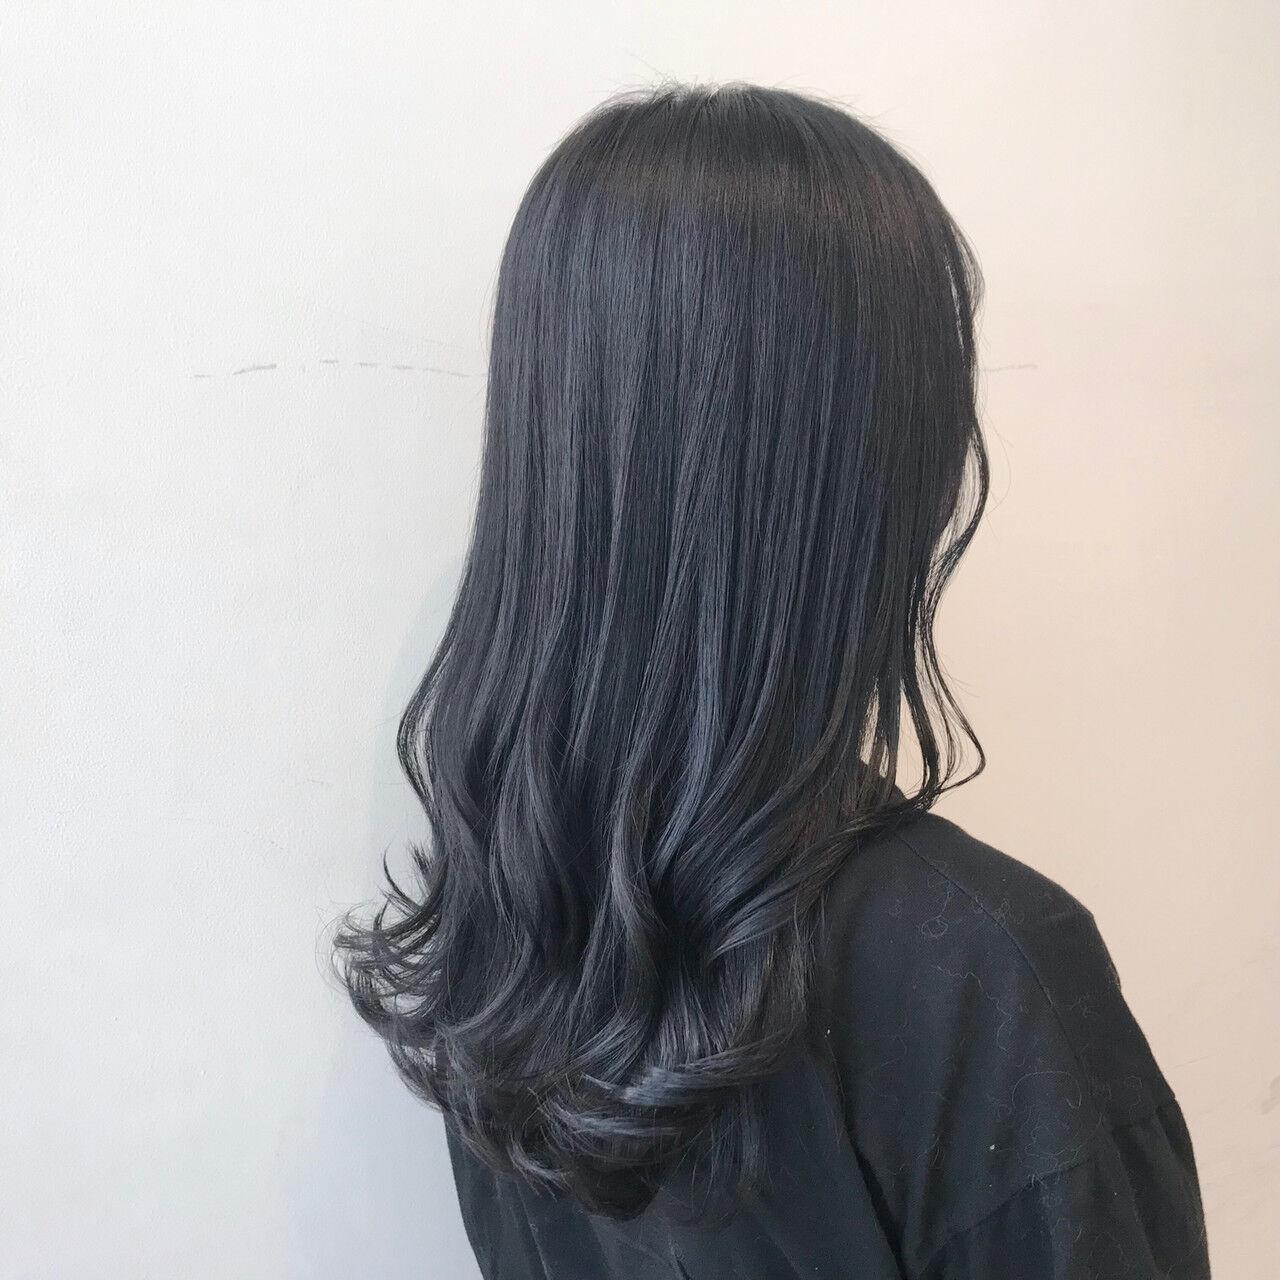 ブルージュ ブルーブラック 透明感カラー ブルーアッシュヘアスタイルや髪型の写真・画像